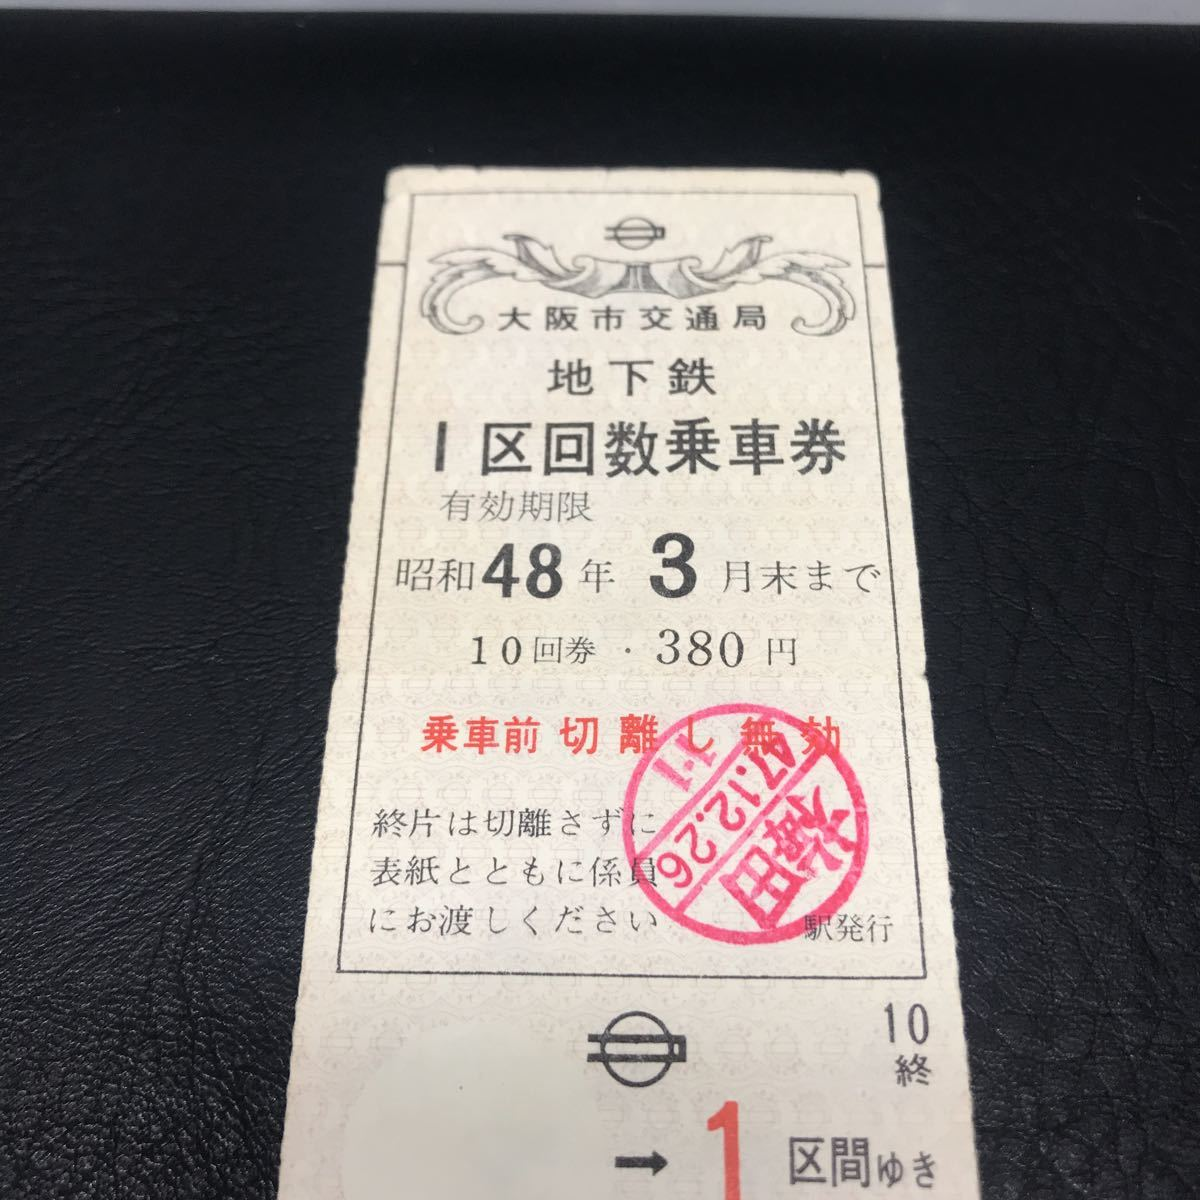 1100 昭和48年 切符 鉄道切符 地下鉄 大阪市交通局 梅田 1区回数乗車券 6枚 当時物 鉄道資料_画像2